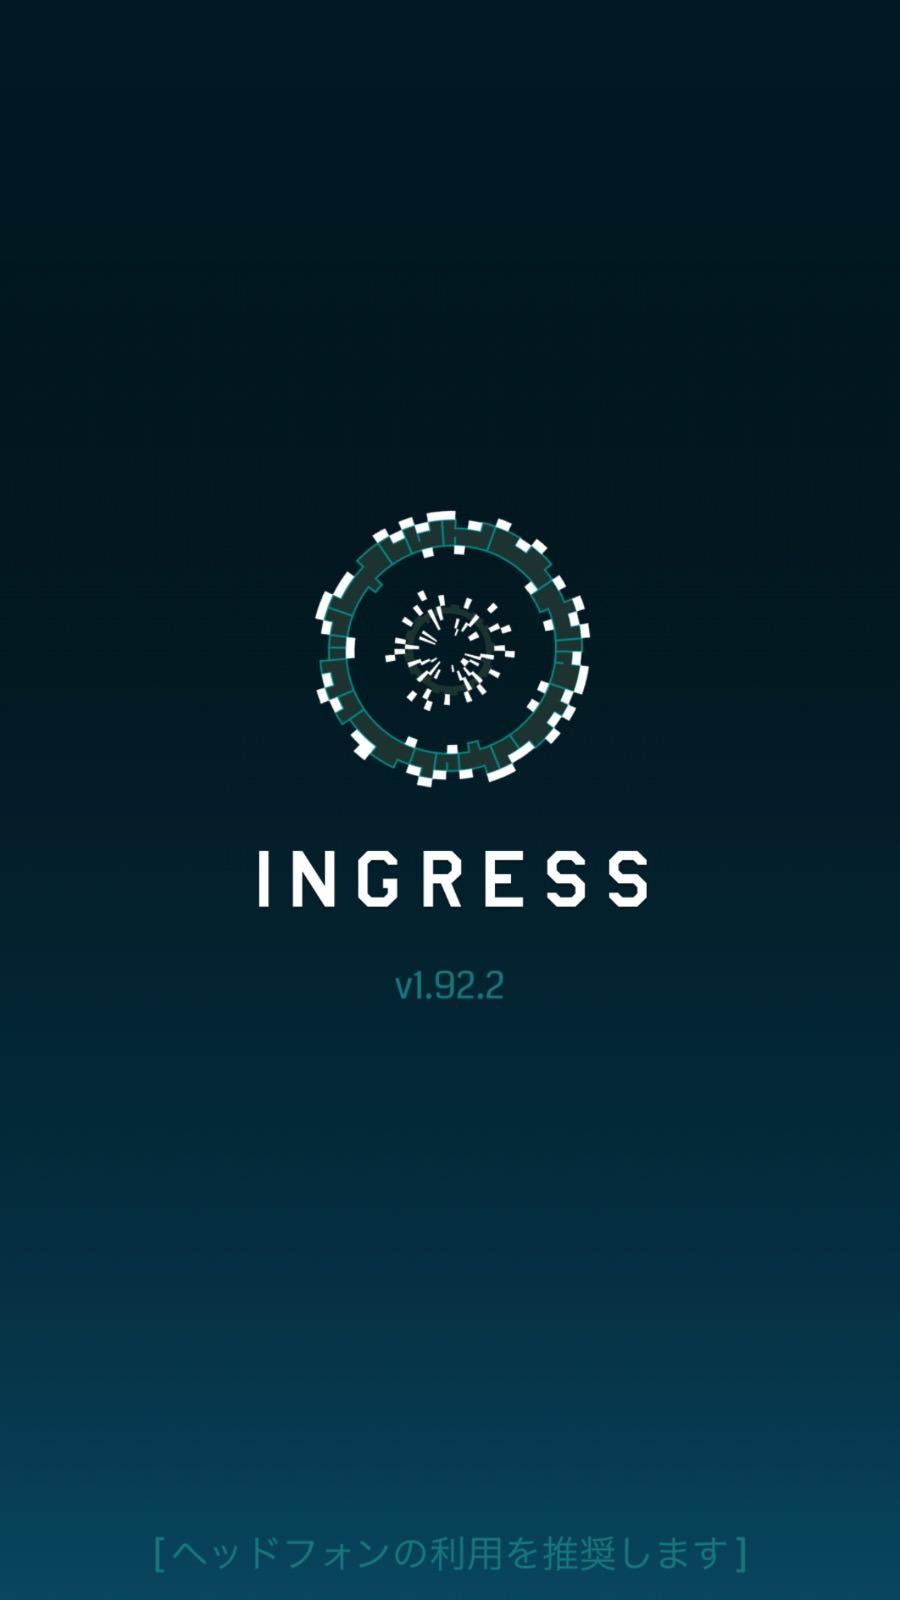 【Ingress】iOS版「Ingress 1.92.2」リリース → カプセル内のアイテム一括選択が可能に